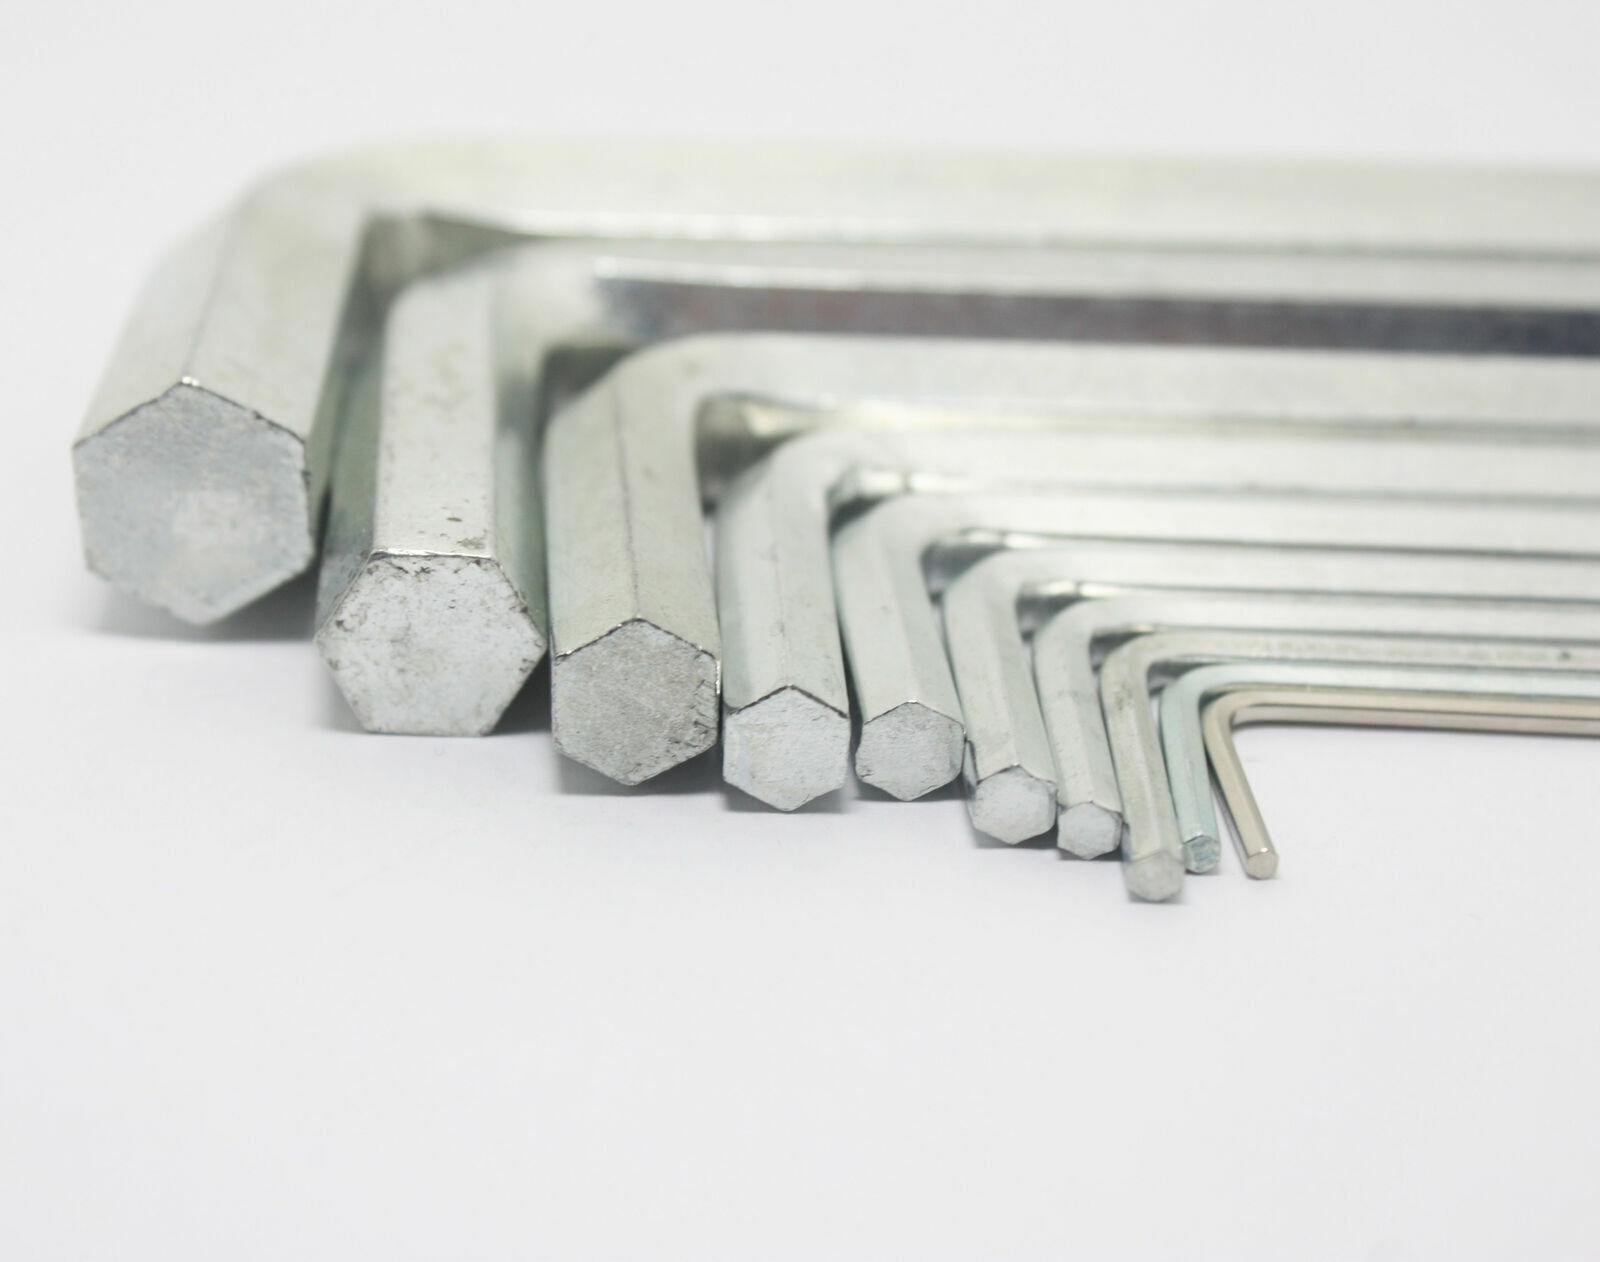 0.9mm-8mm Diameter Metric Short Arm Allen Hex Key Wrench Key Steel O8U6 Hex A2W9